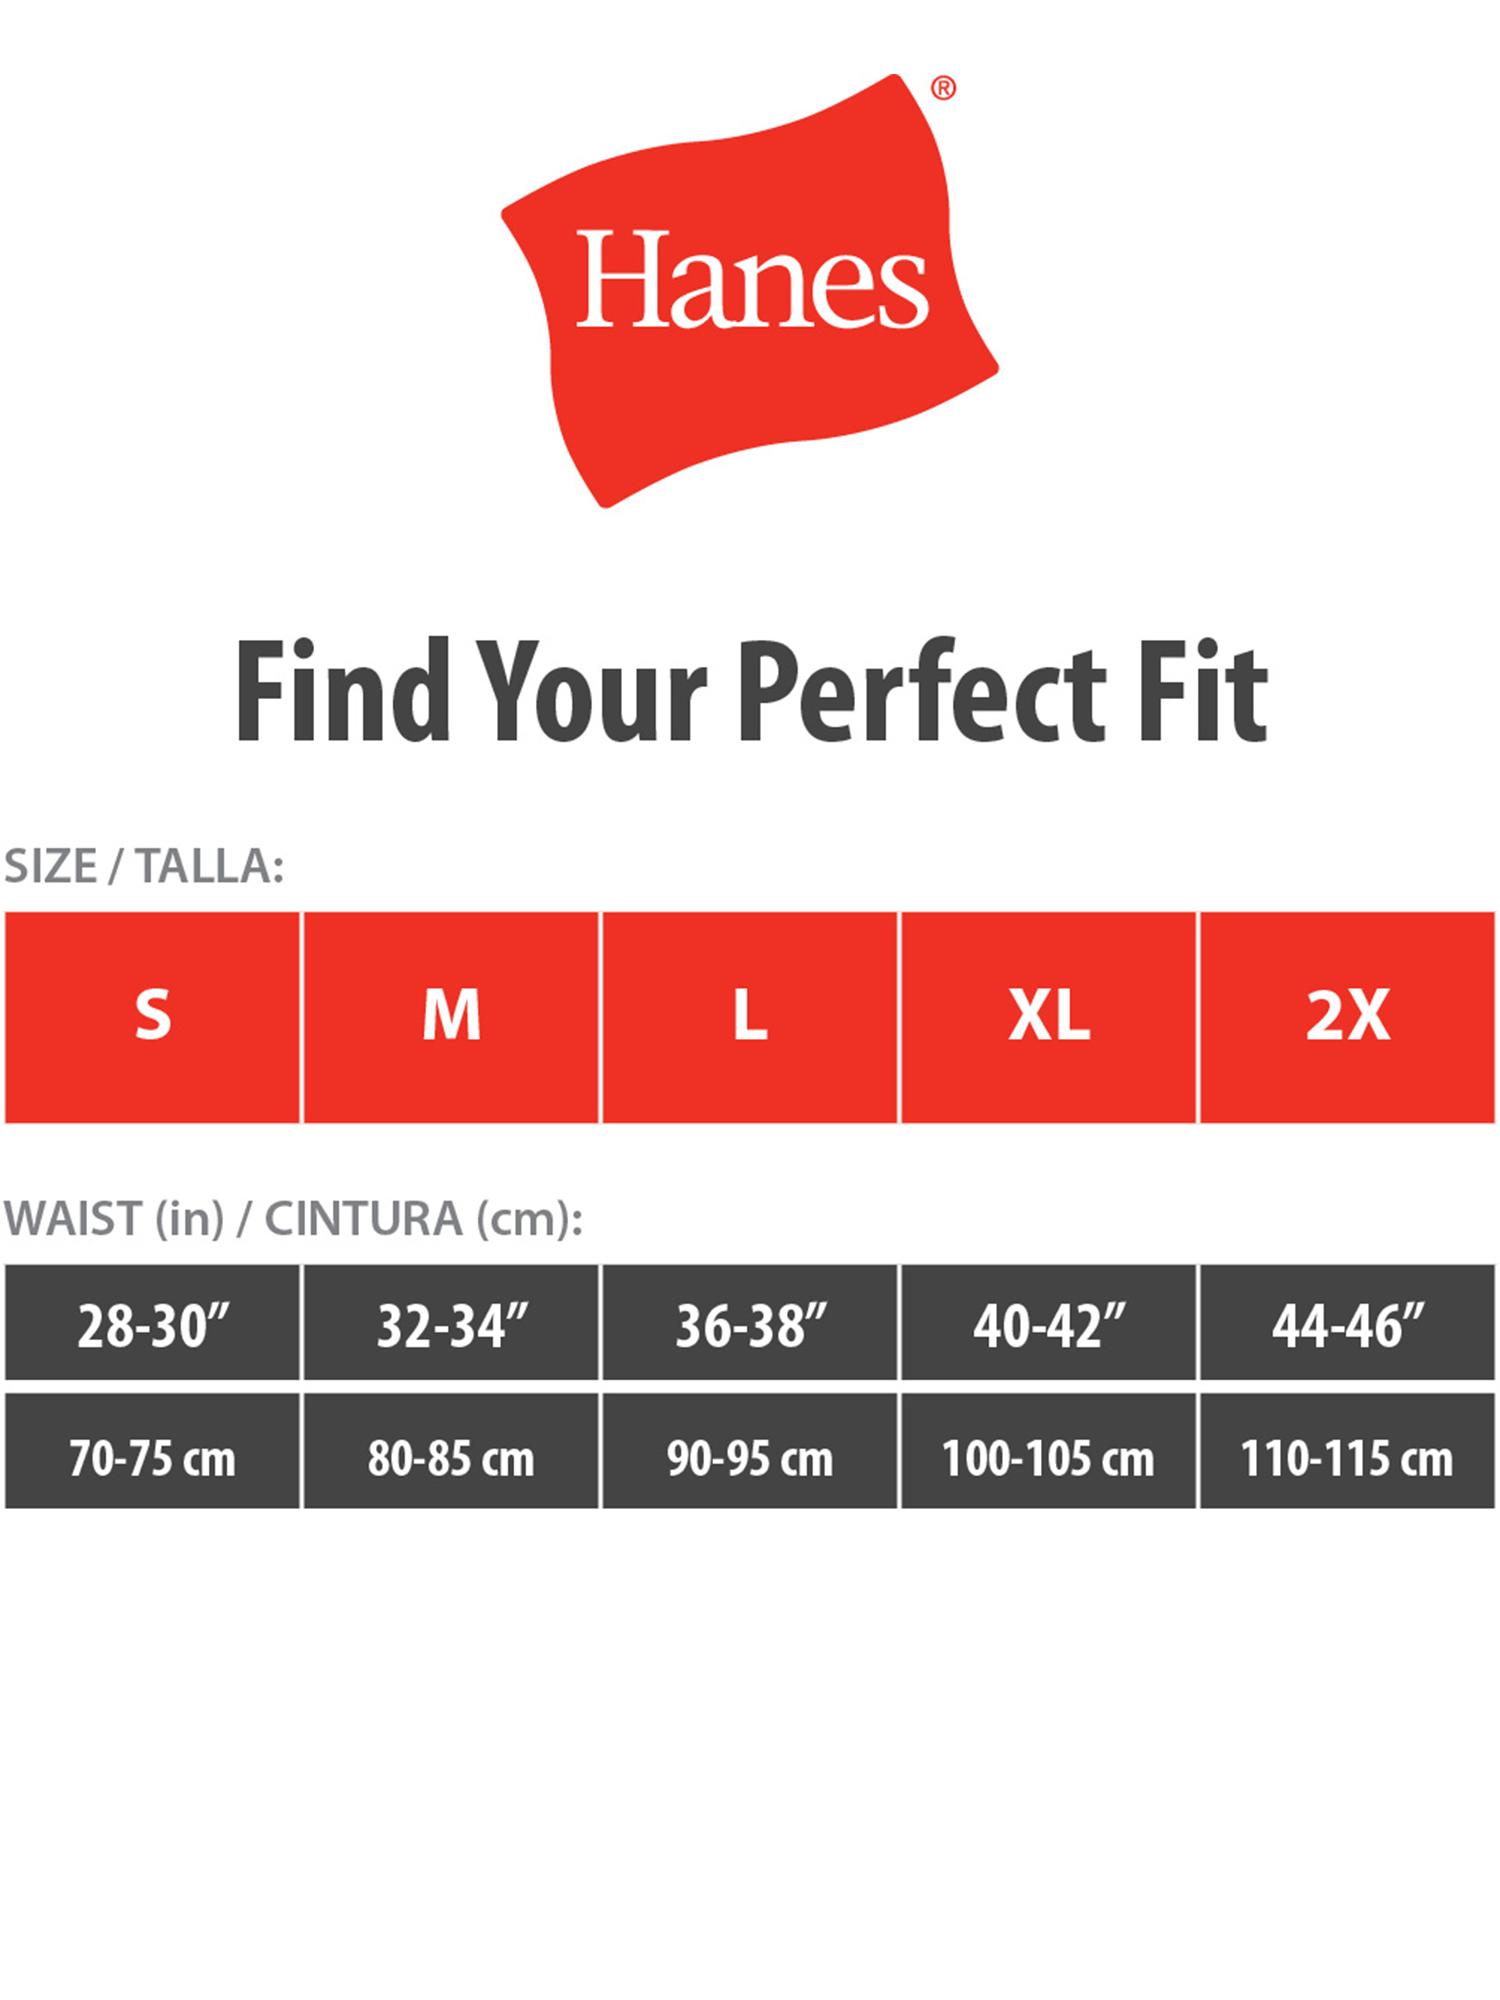 Hanes Mens Underwear Size Chart : hanes, underwear, chart, Hanes, Men's, Ultimate, Sport, Brief, 7-Pack, Walmart.com